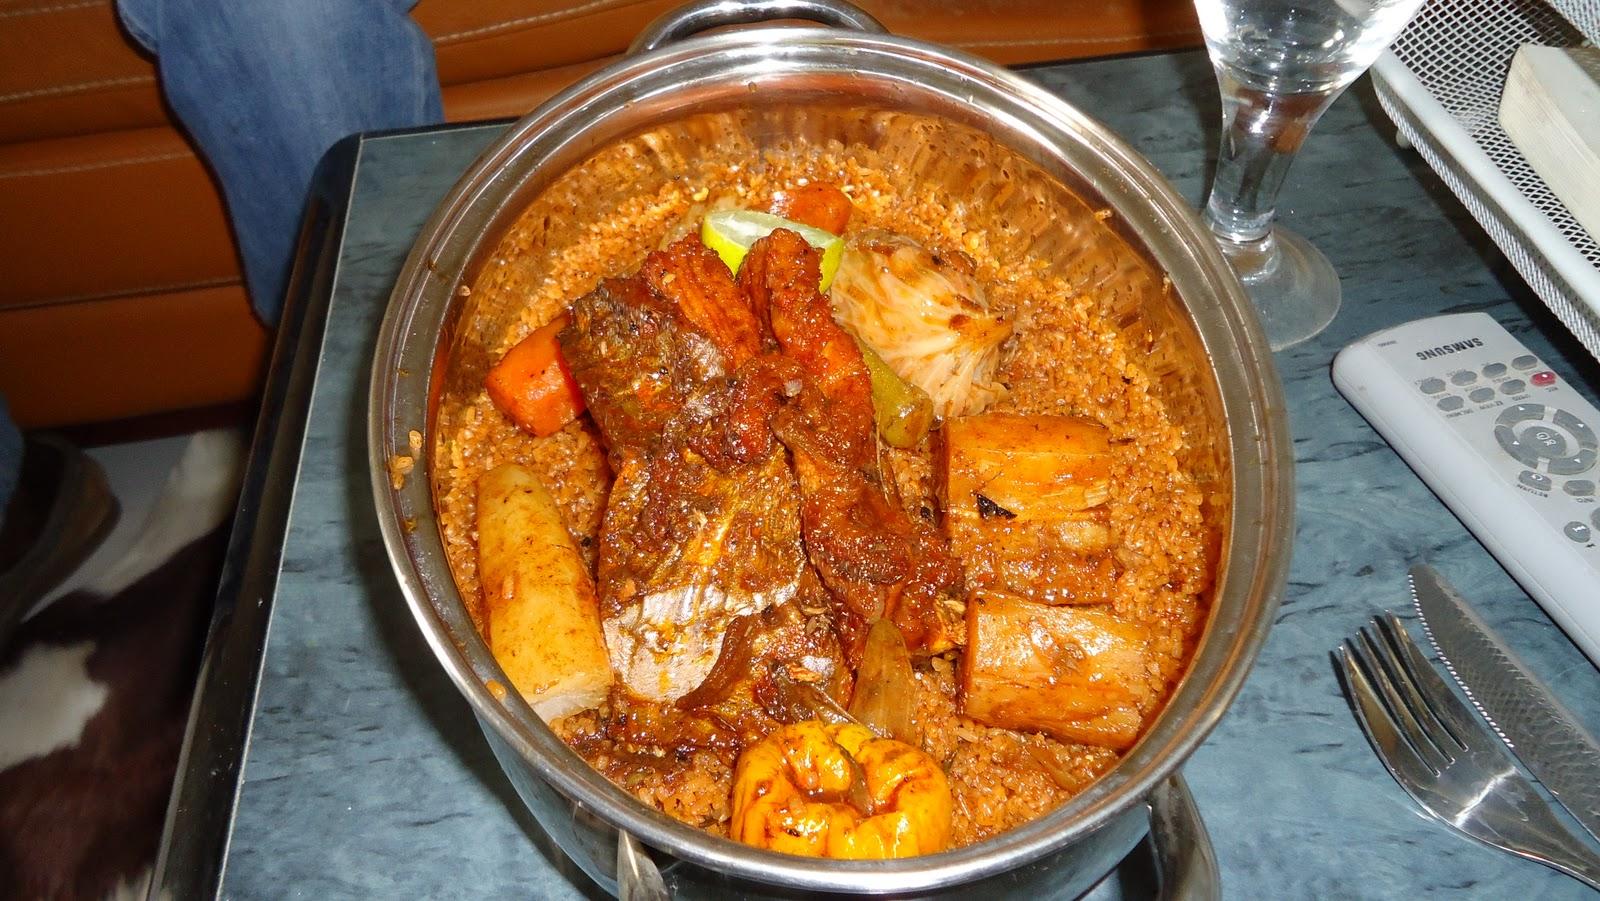 Dadou el routador in afrika la specialite senegalaise for Cuisine senegalaise c est bon